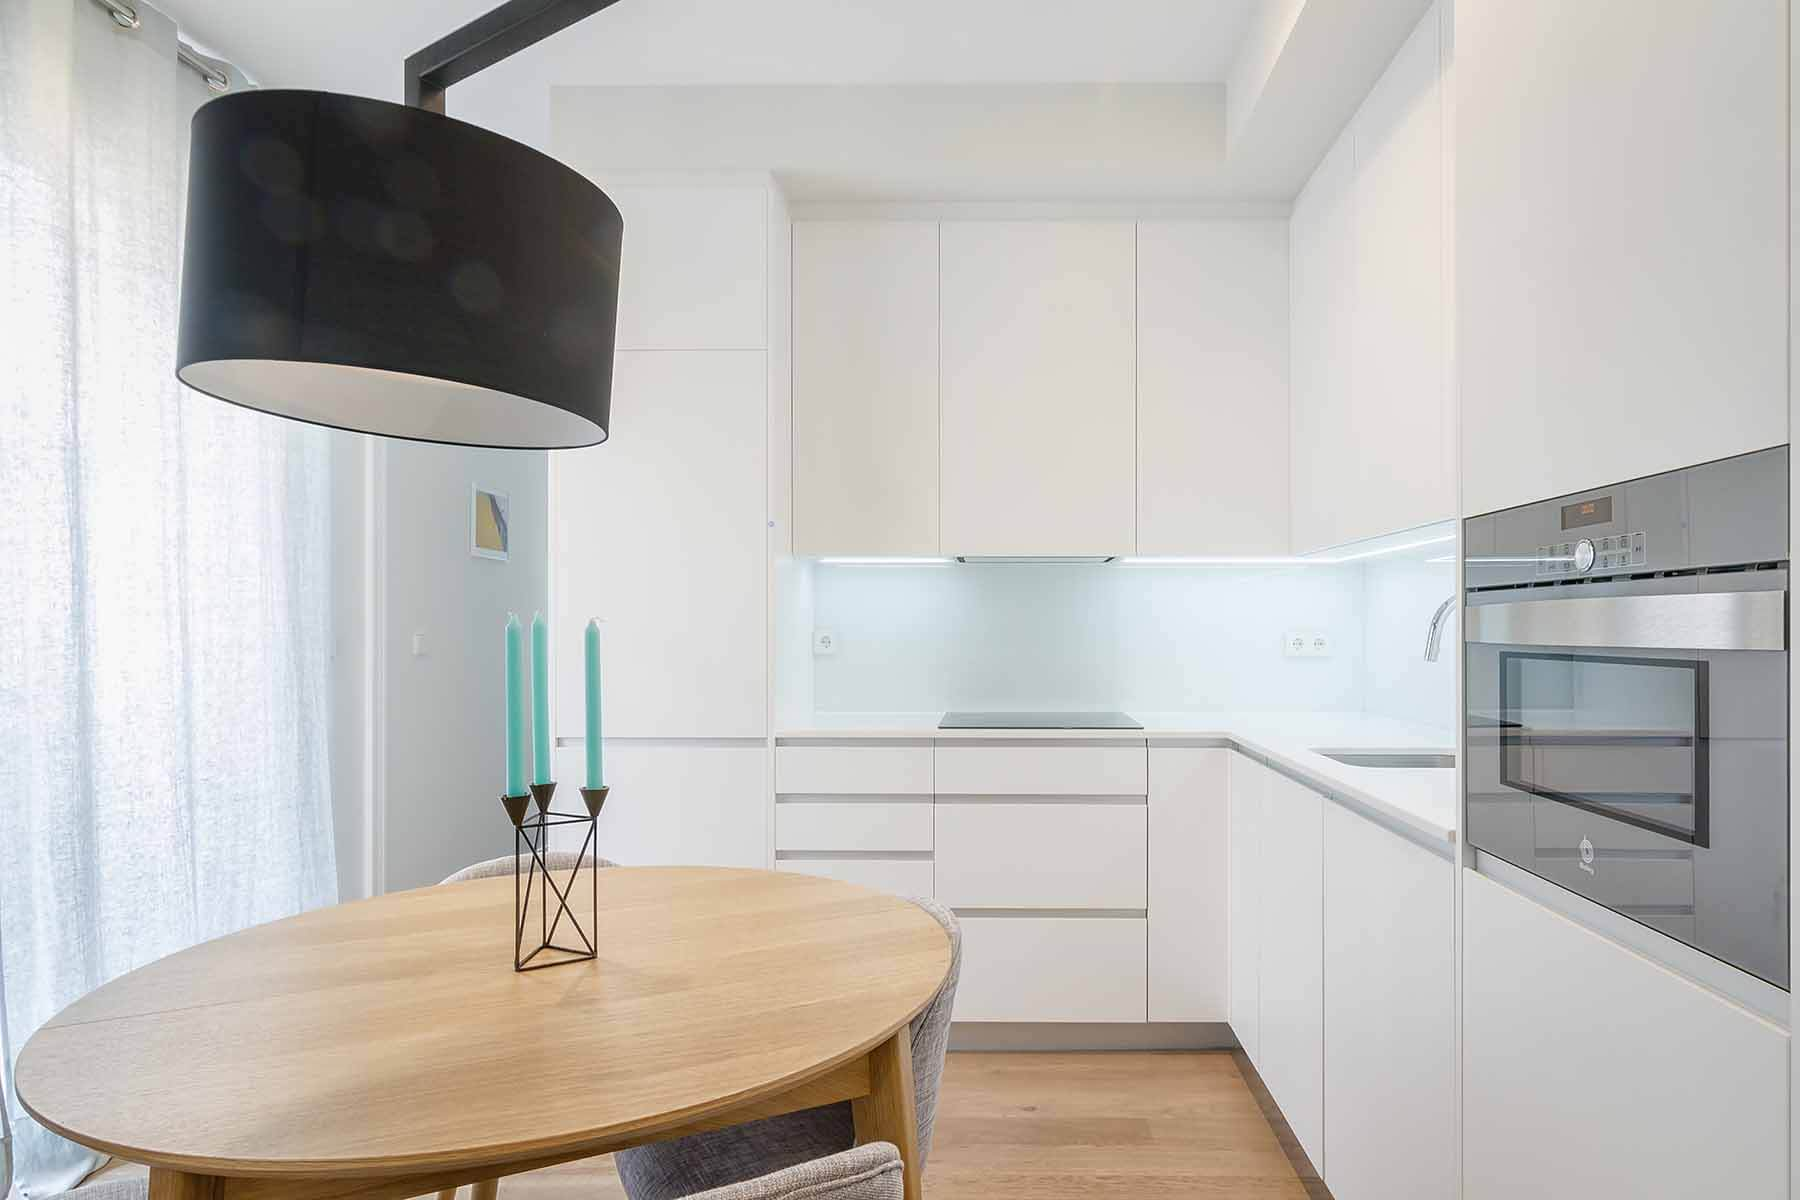 Cocina americana de serie Hölst blanca con iluminación led bajo el mueble - muebles de cocina